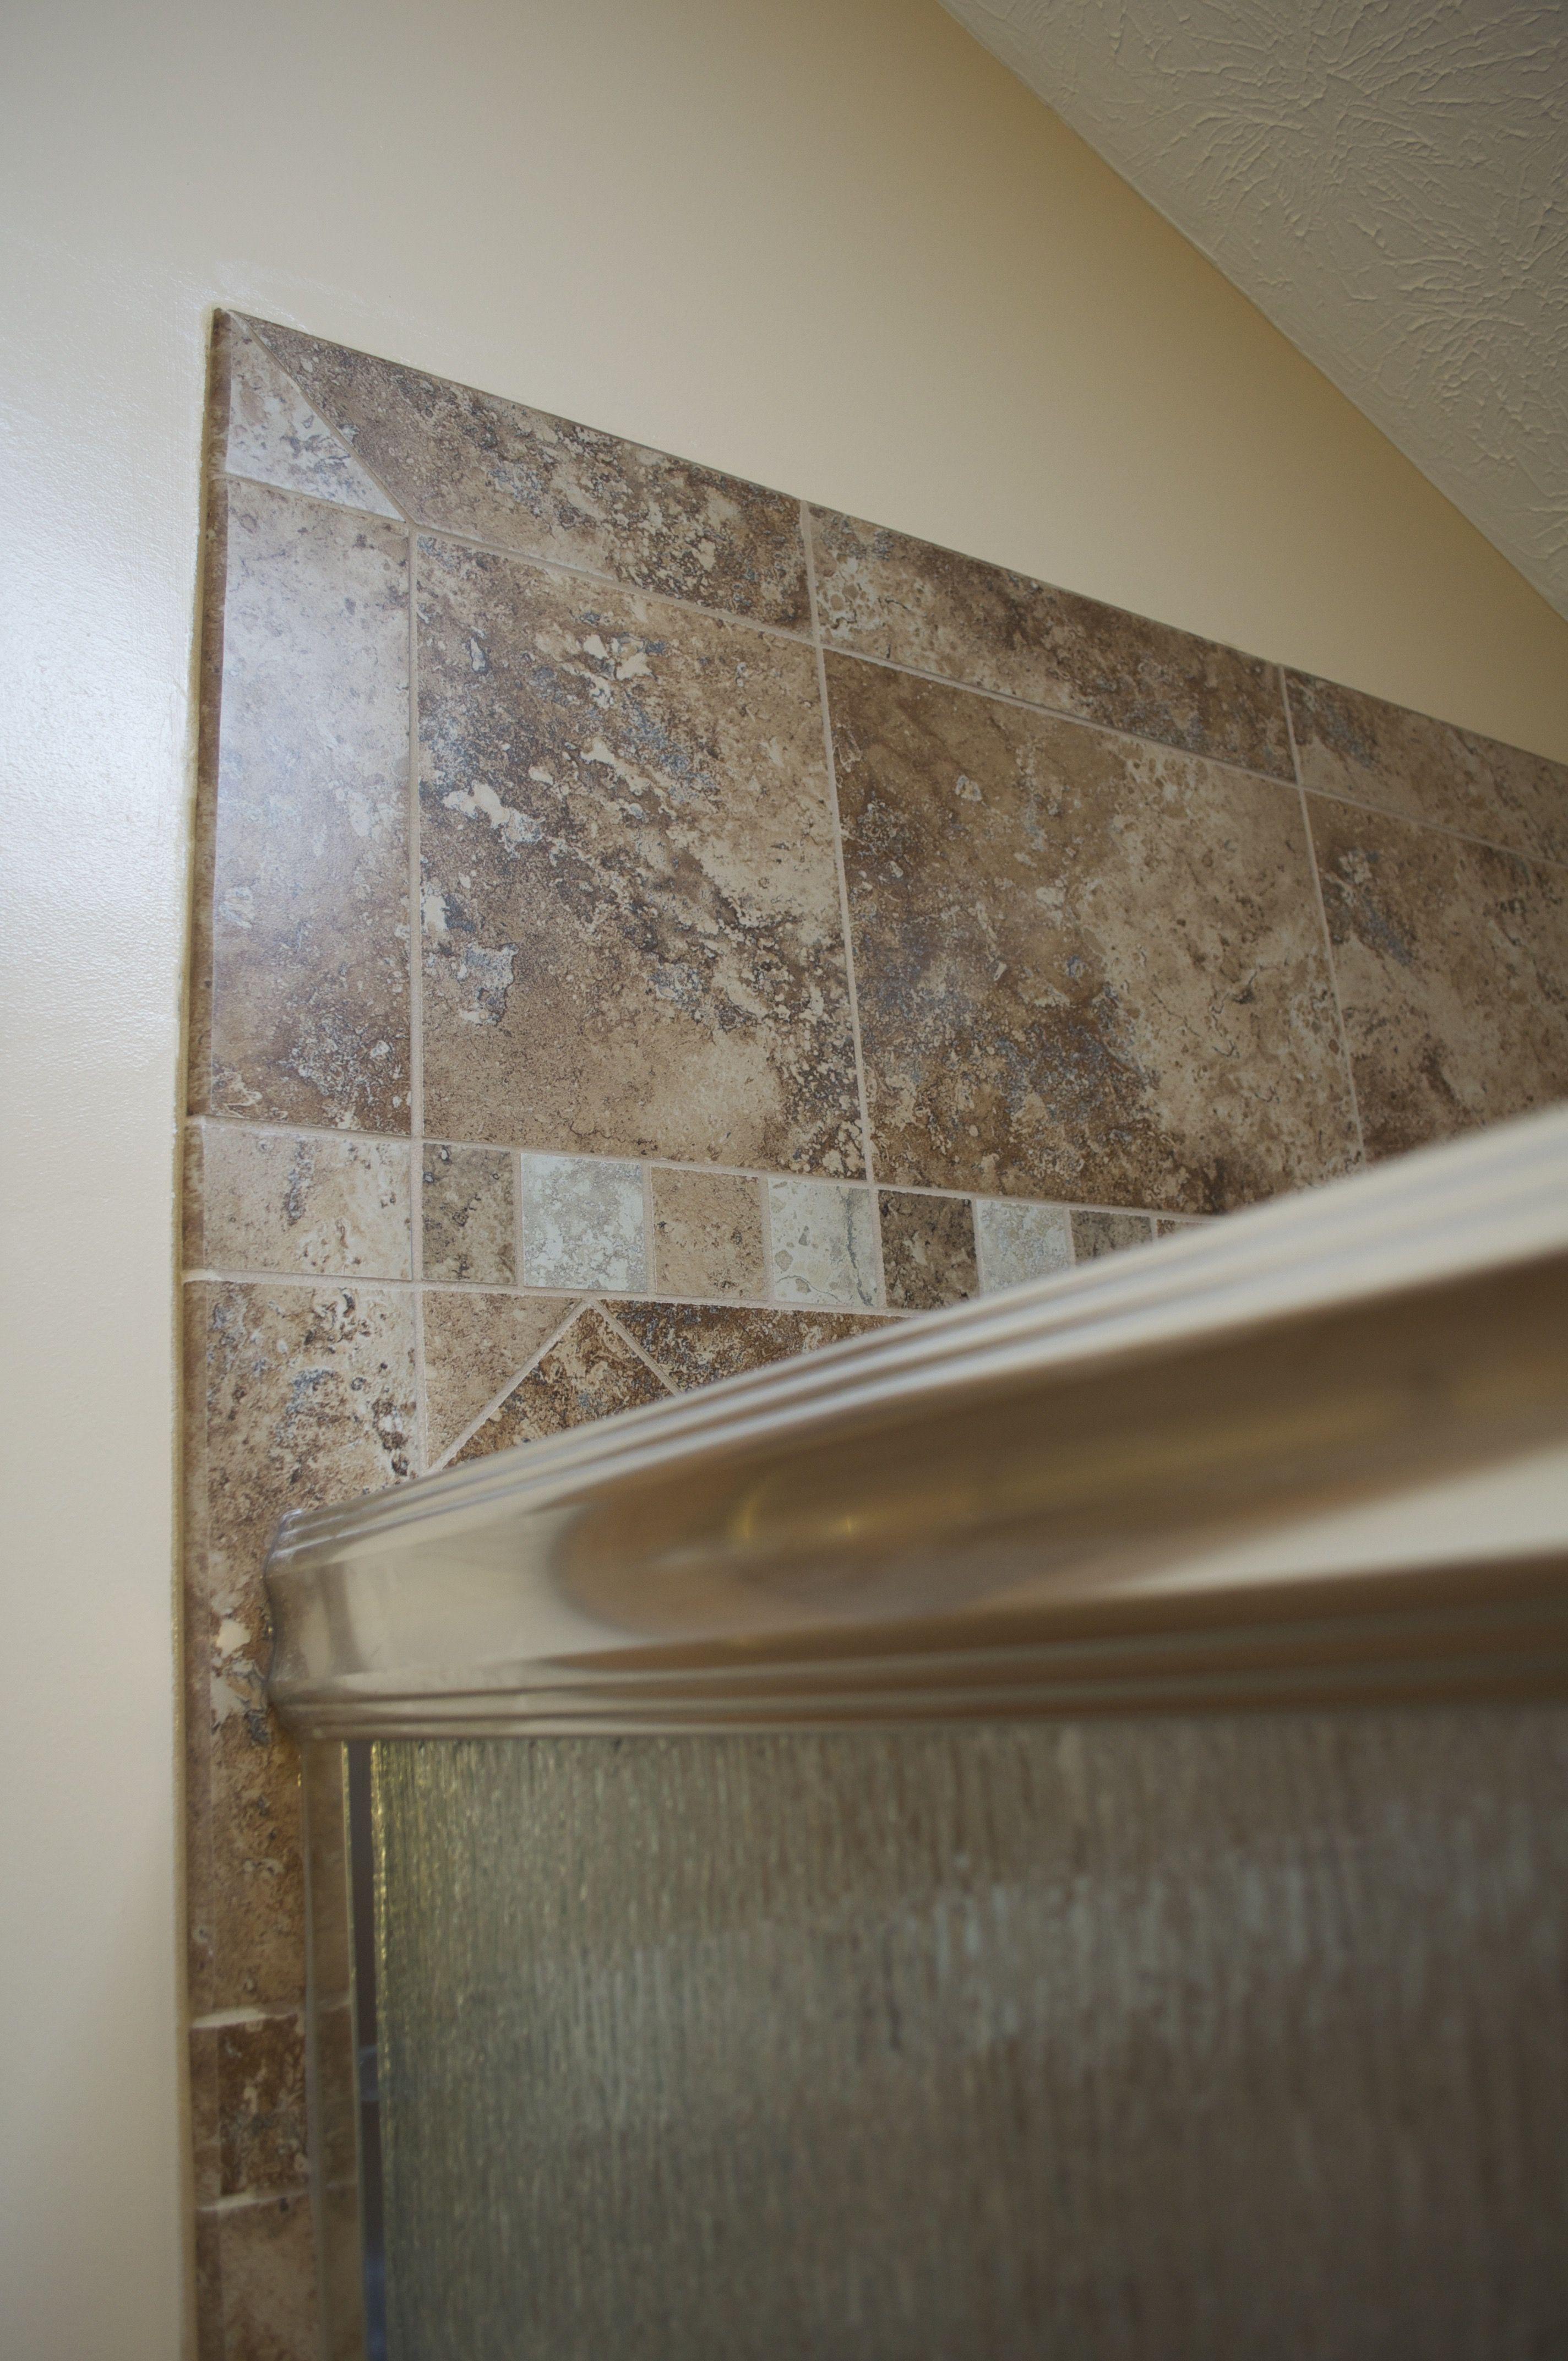 tiled shower with bullnose tile edge